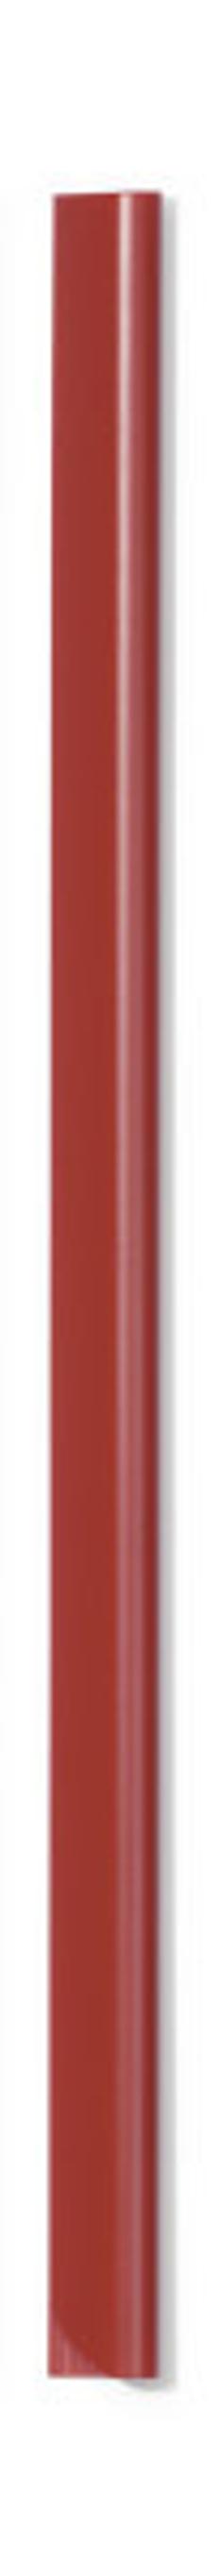 Скрепкошина для документов А4, 6 мм, красная фото